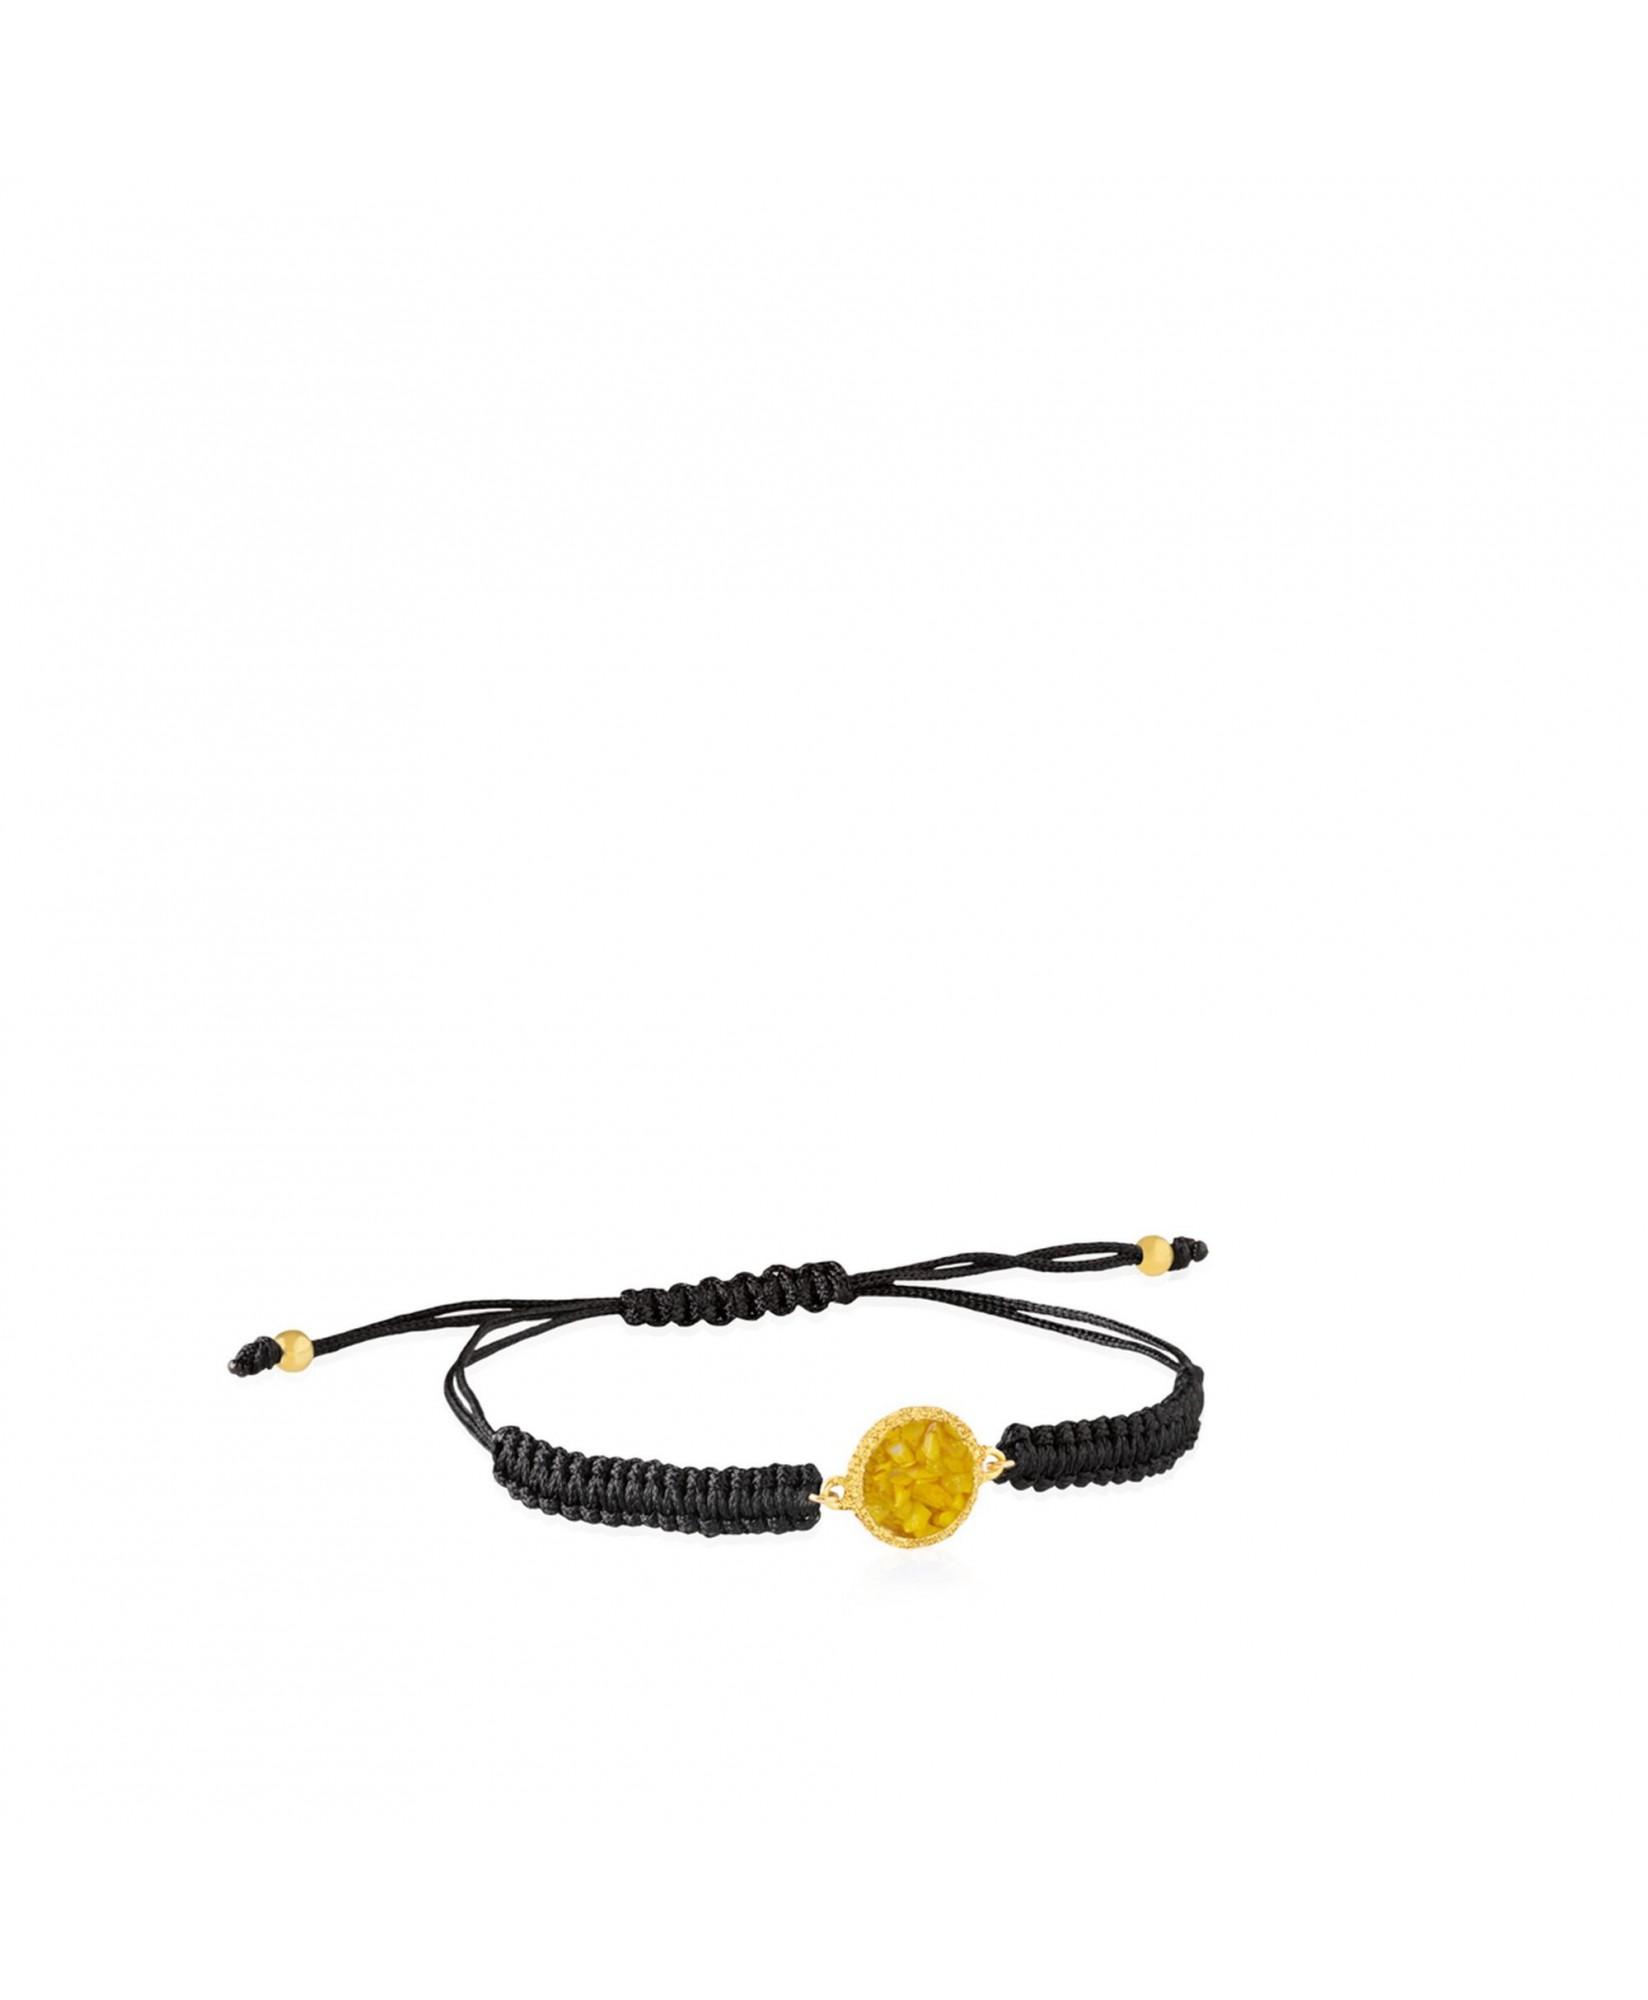 Pulsera de cordón y oro Sun con nácar amarillo Pulsera de cordón y oro Sun con nácar amarillo